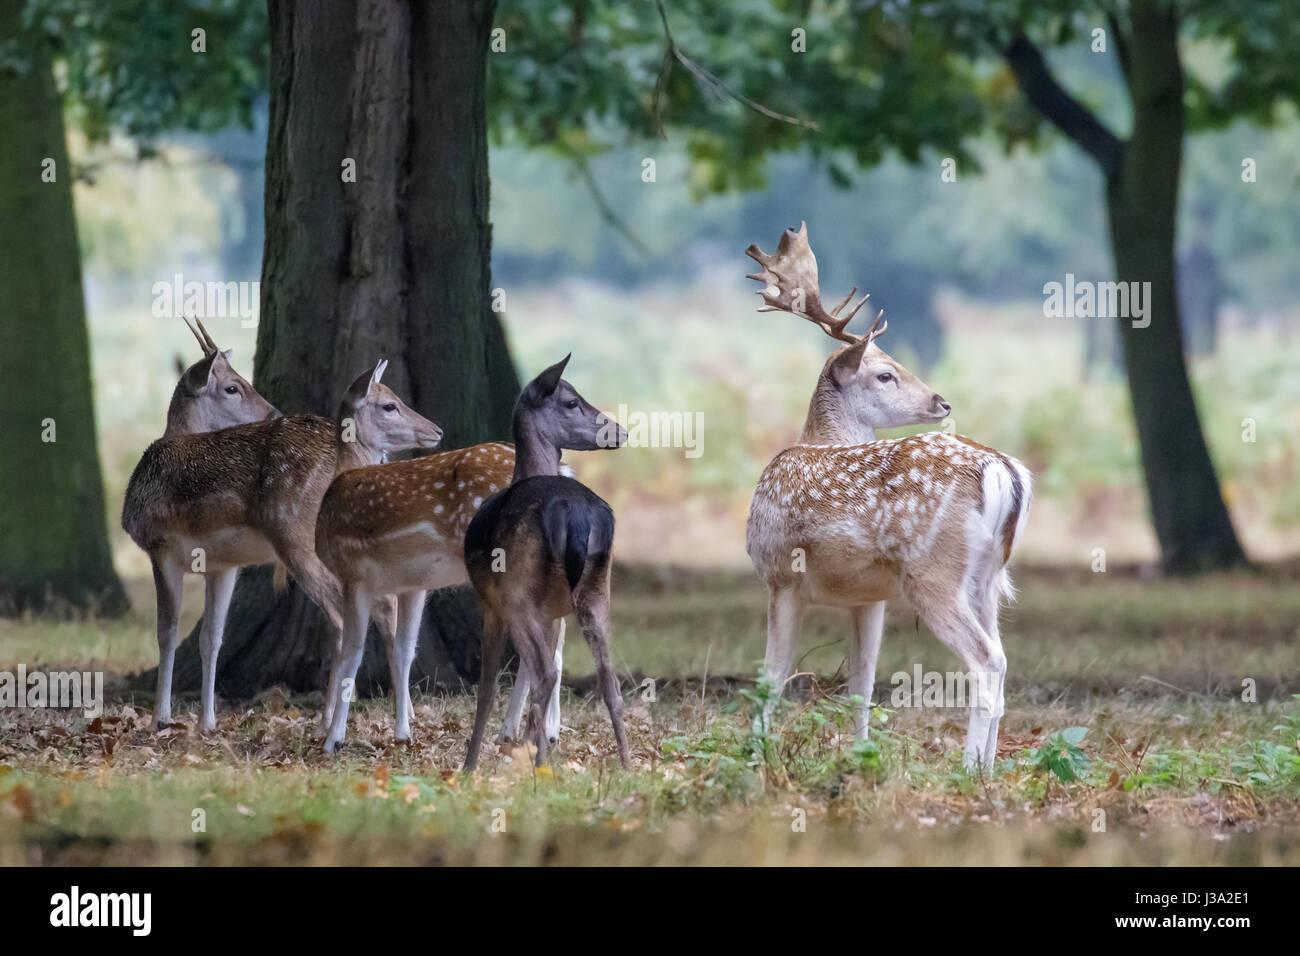 Groupe de quatre le daim (Dama dama) surpris par quelque chose sur le bord de forêt copse Photo Stock